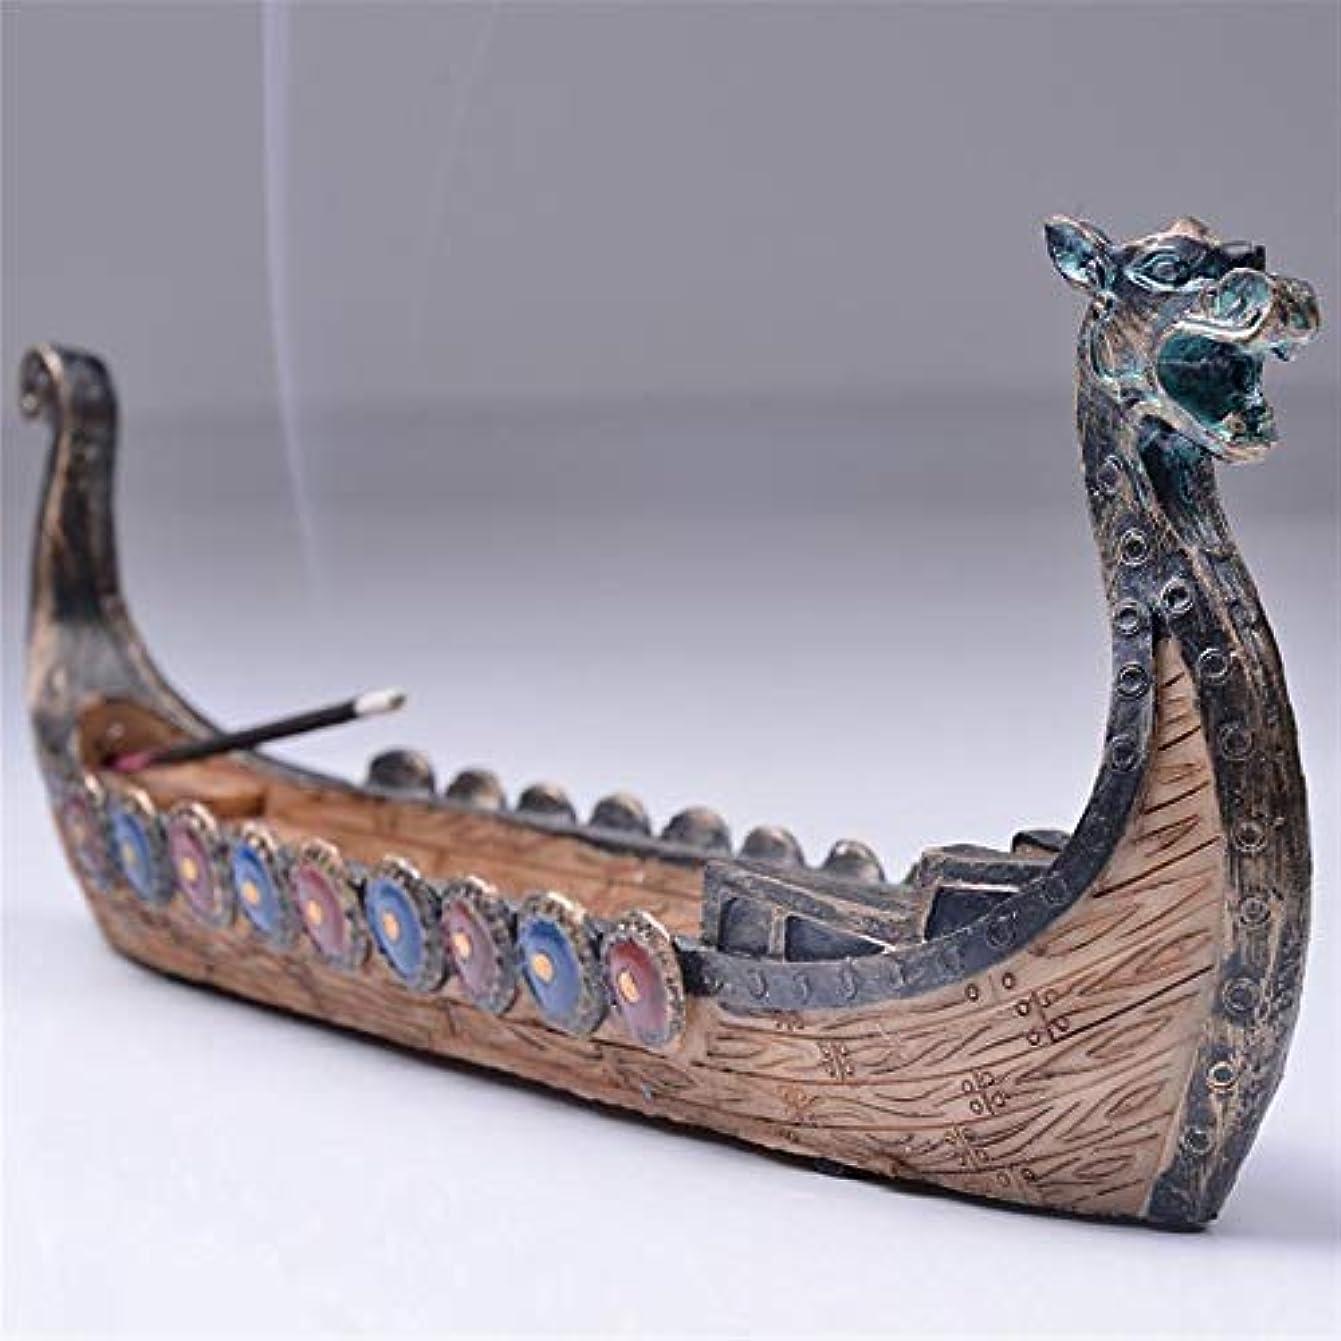 争う嘆願甘いOchoos ドラゴンボート 線香ホルダー バーナー 手彫り 彫刻 香炉 オーナメント レトロ 香炉 伝統的デザイン #SW